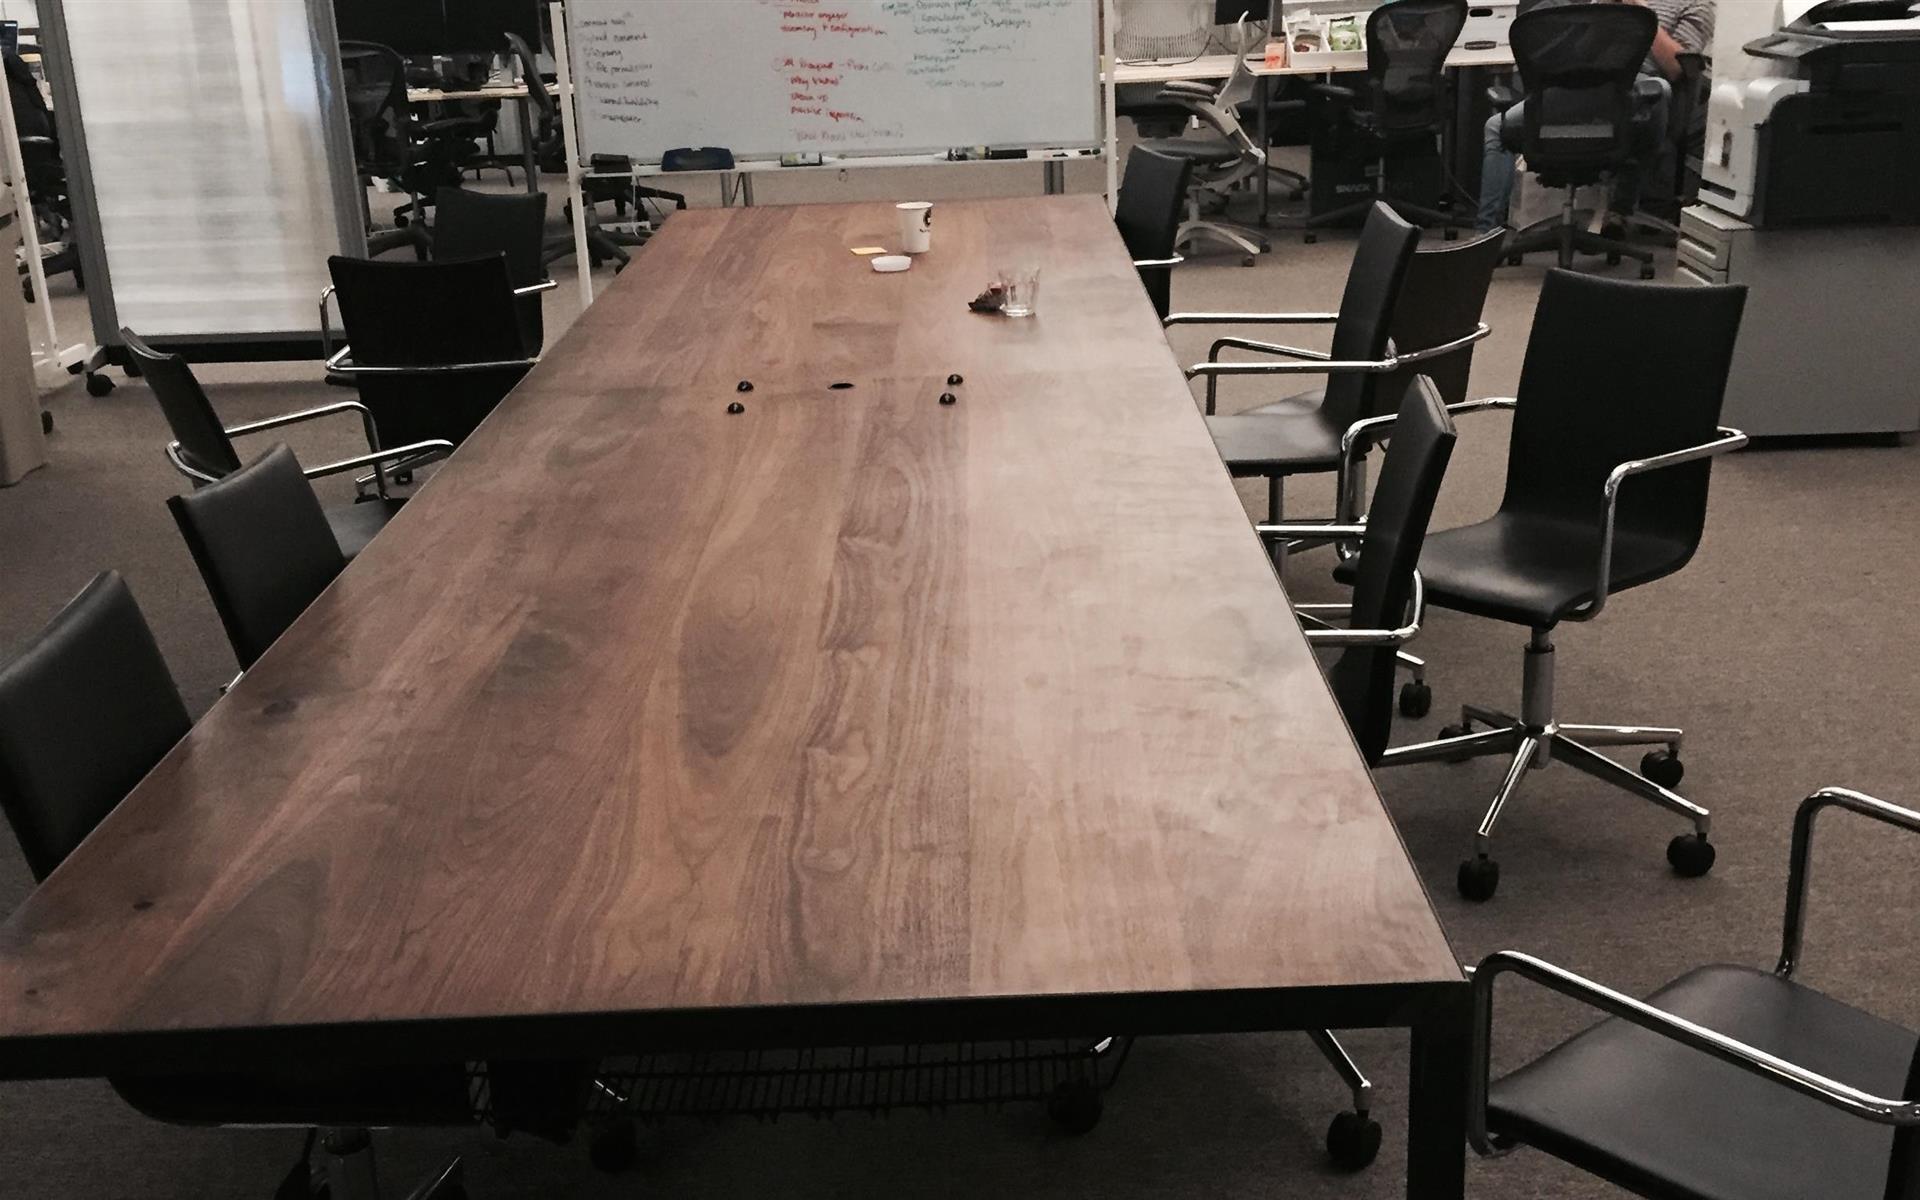 Say Media - One person open desk